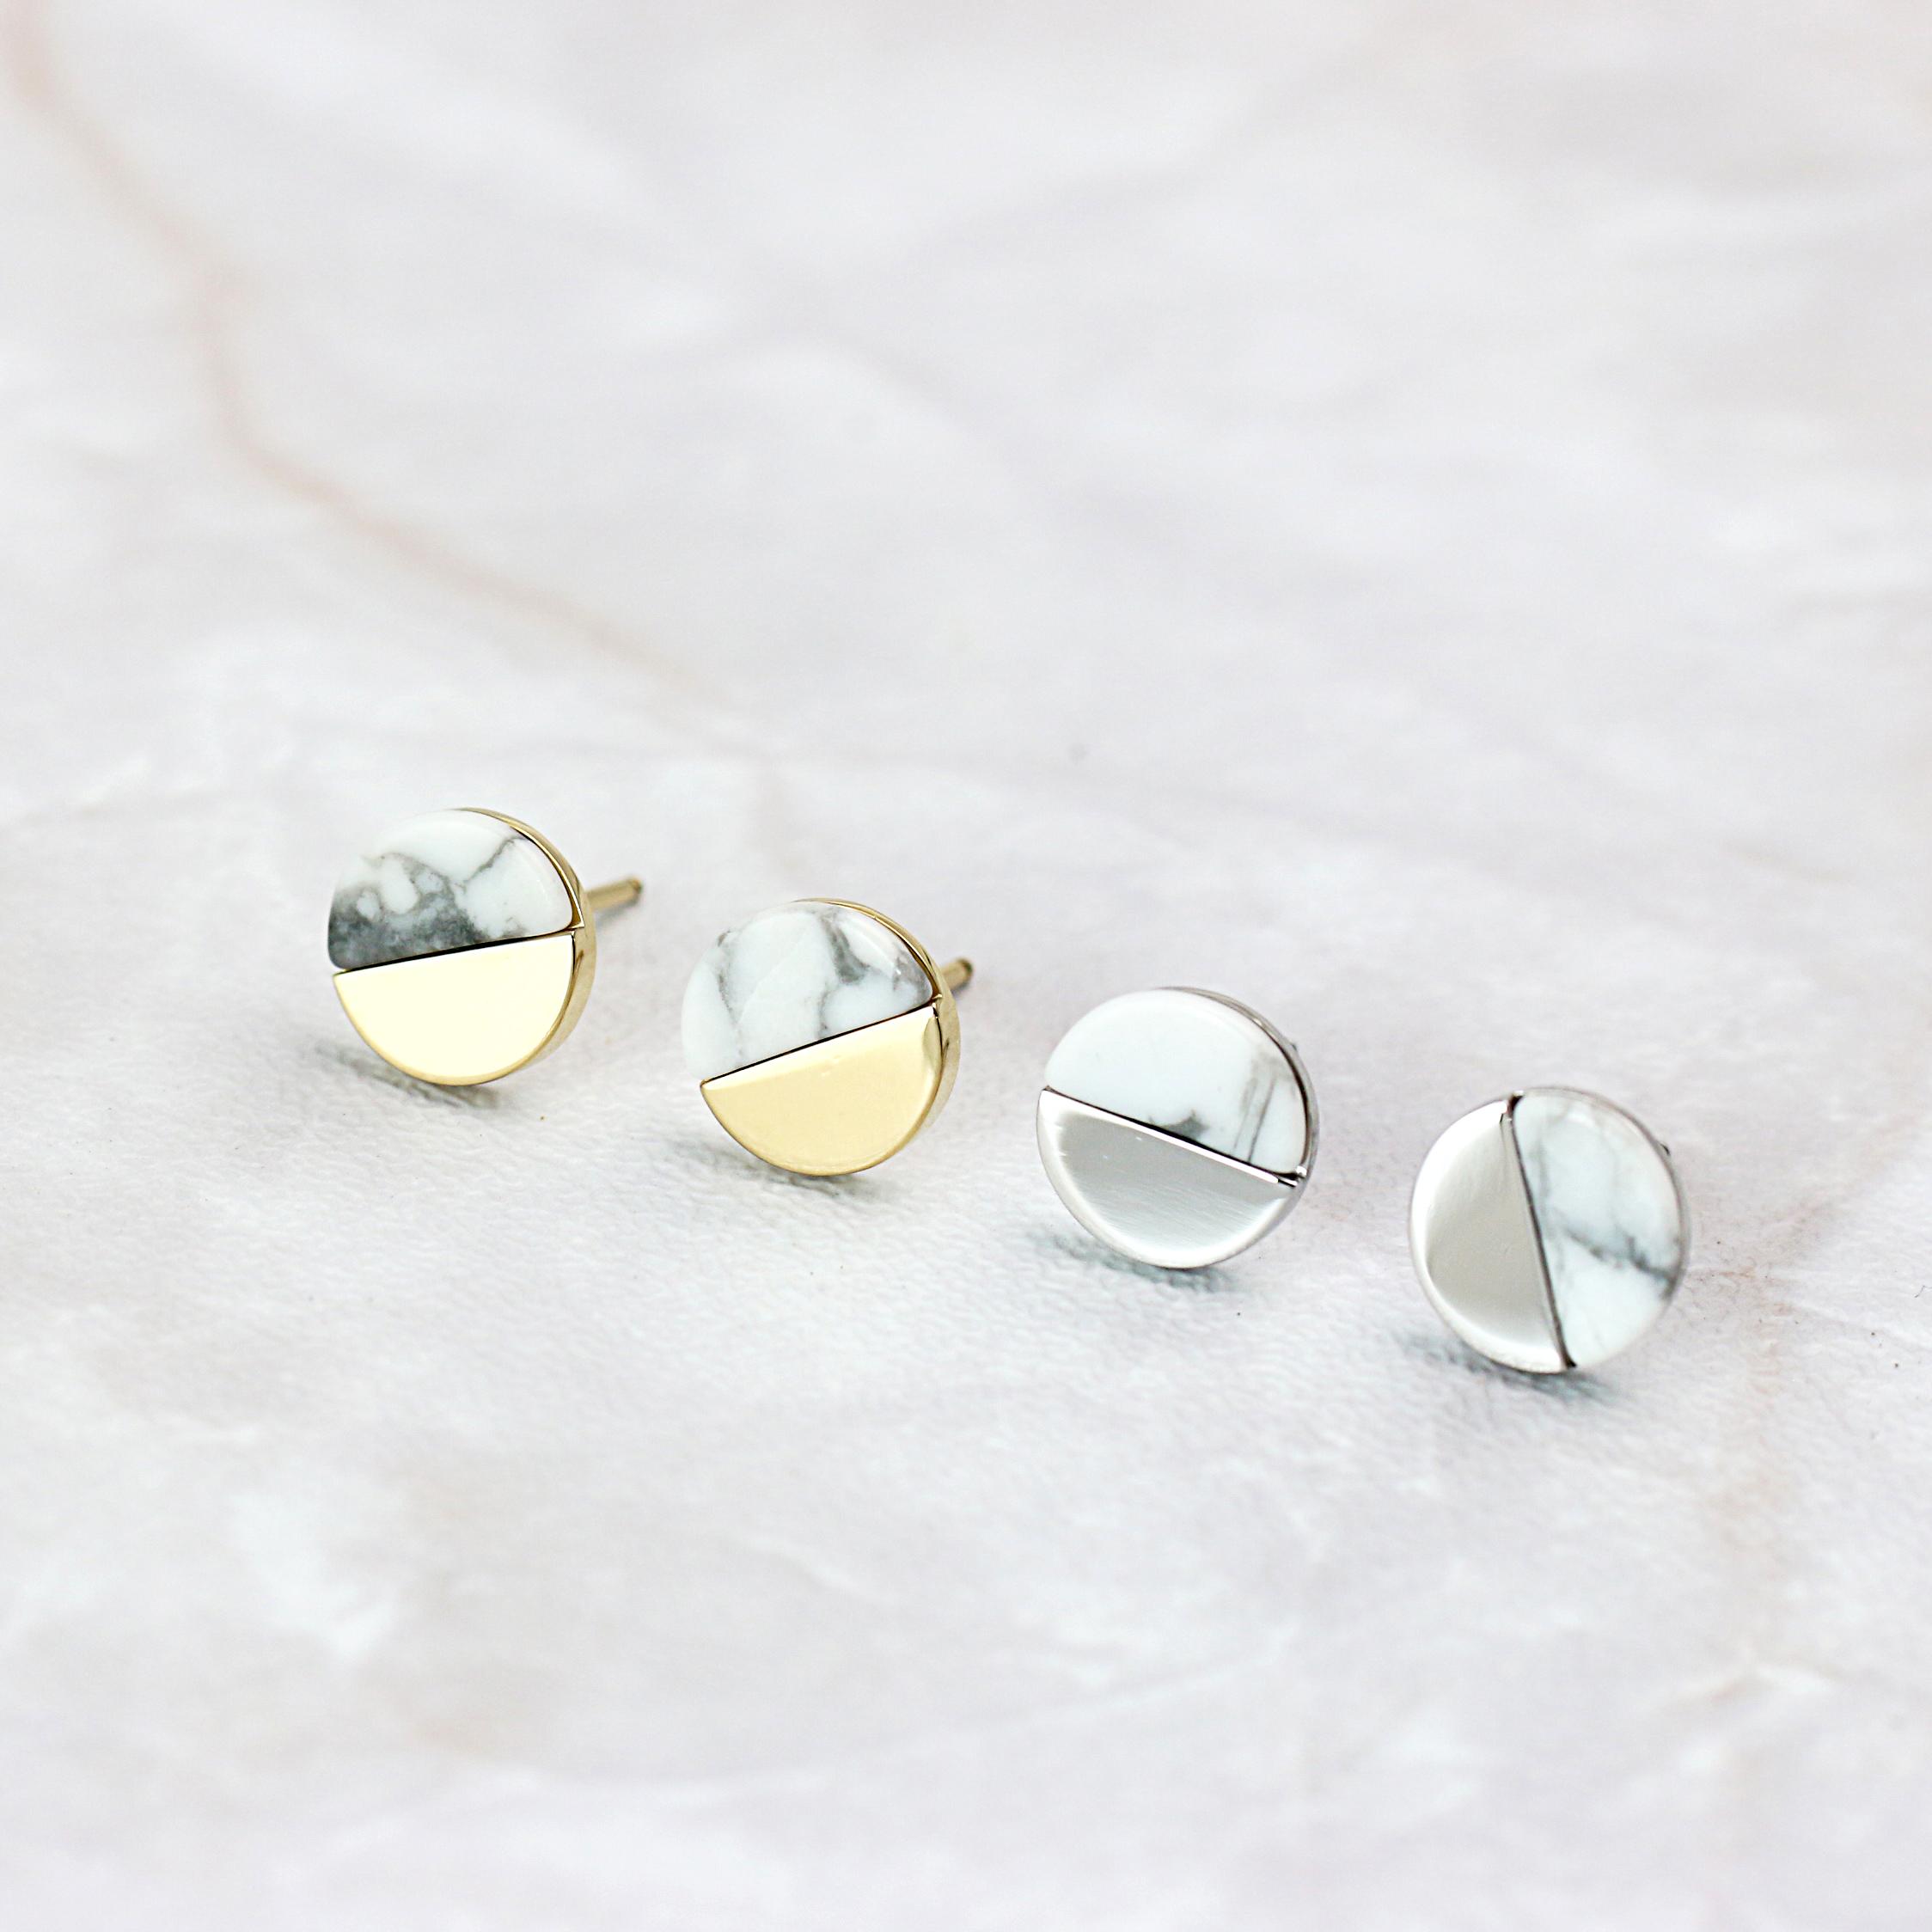 大理石紋圓圈圈耳釘